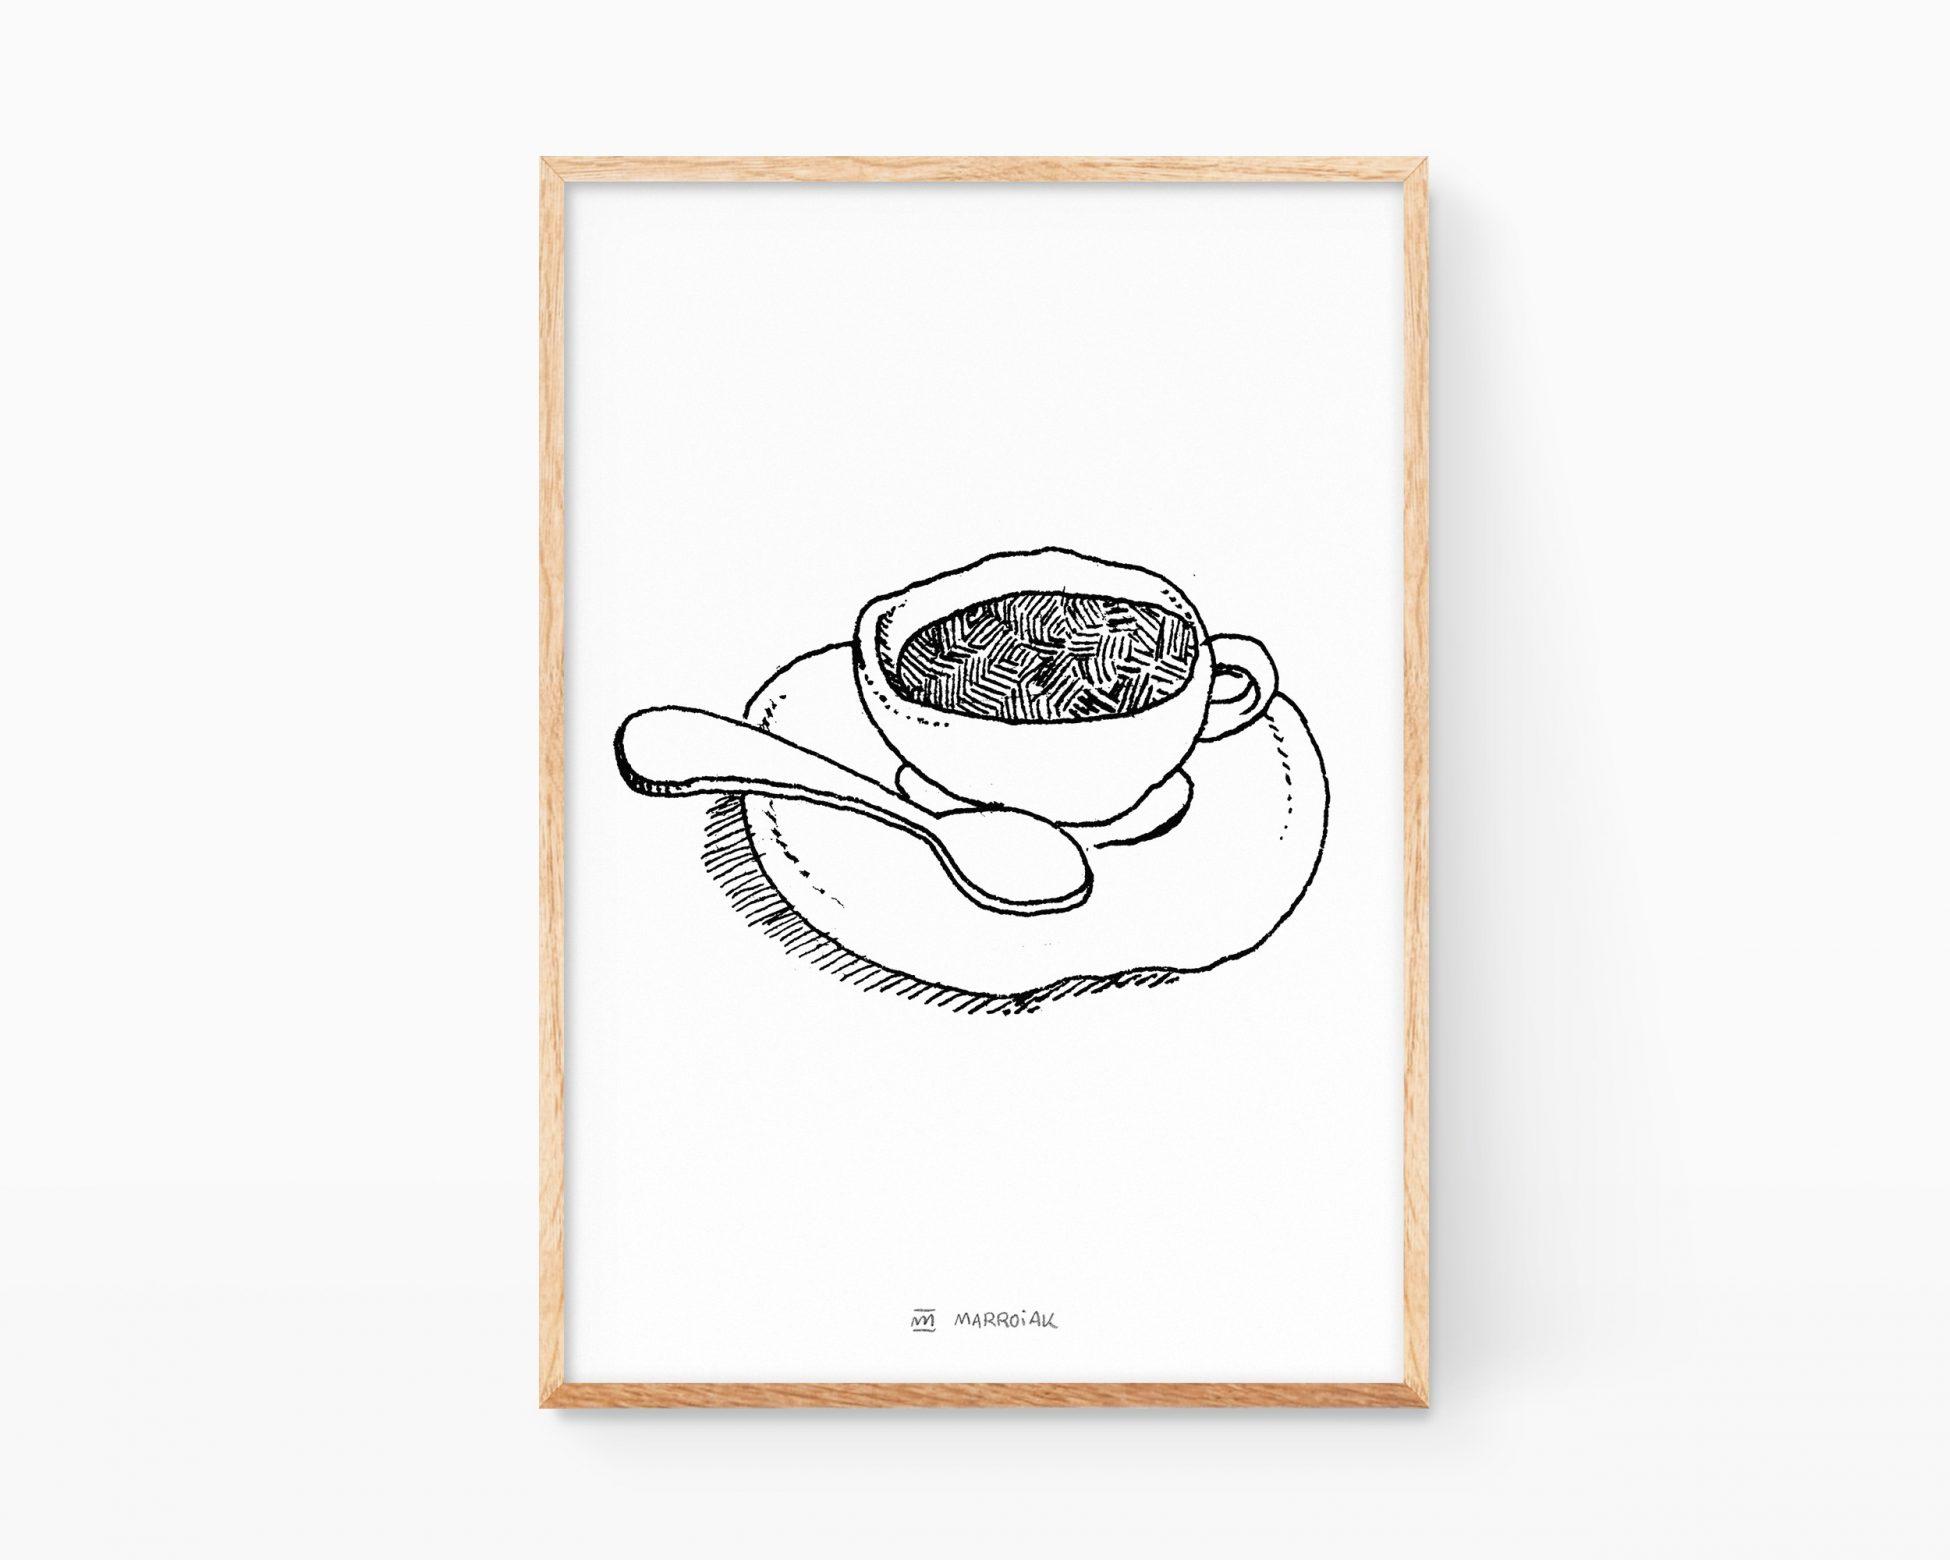 Lámina decorativa con una ilustración de una taza de café italiano expresso. Decoración de cocinas minimalistas y nórdicas. Dibujo Punk Art